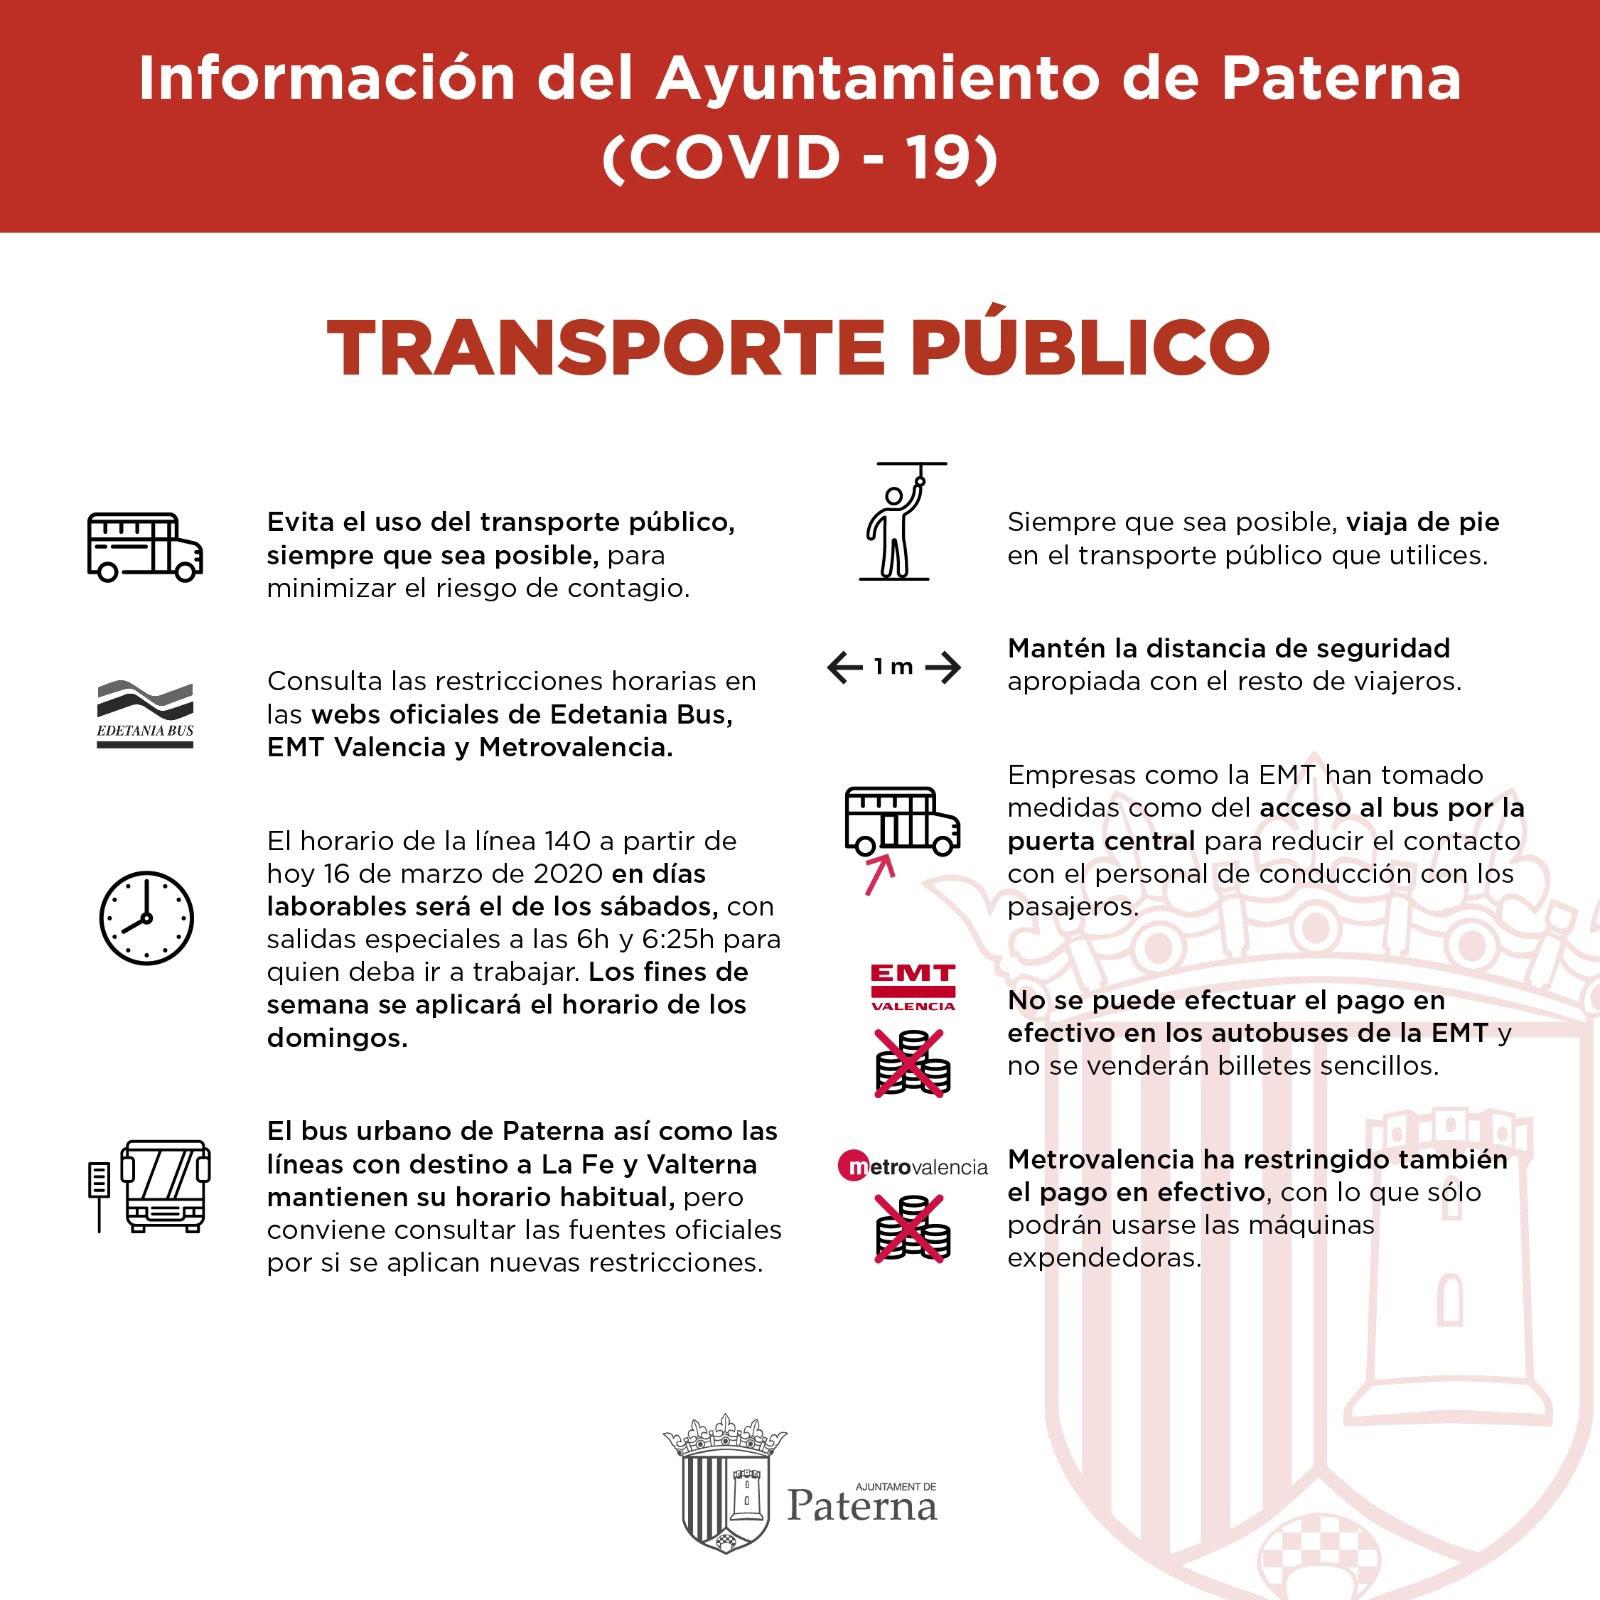 Información del Ayuntamiento de Paterna - Transporte público